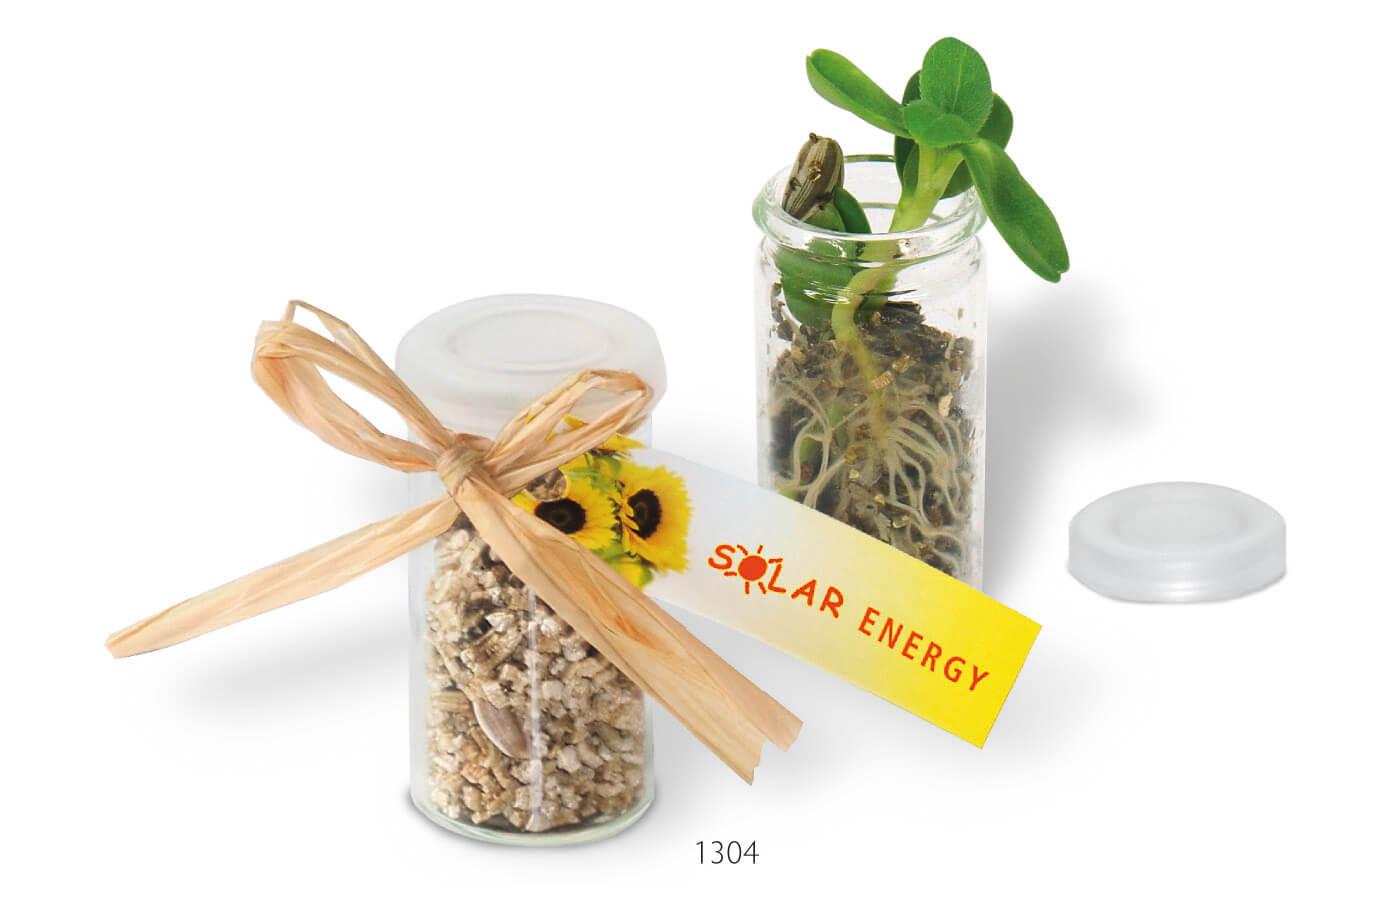 Mini serre publicitaire ecologique ECO057